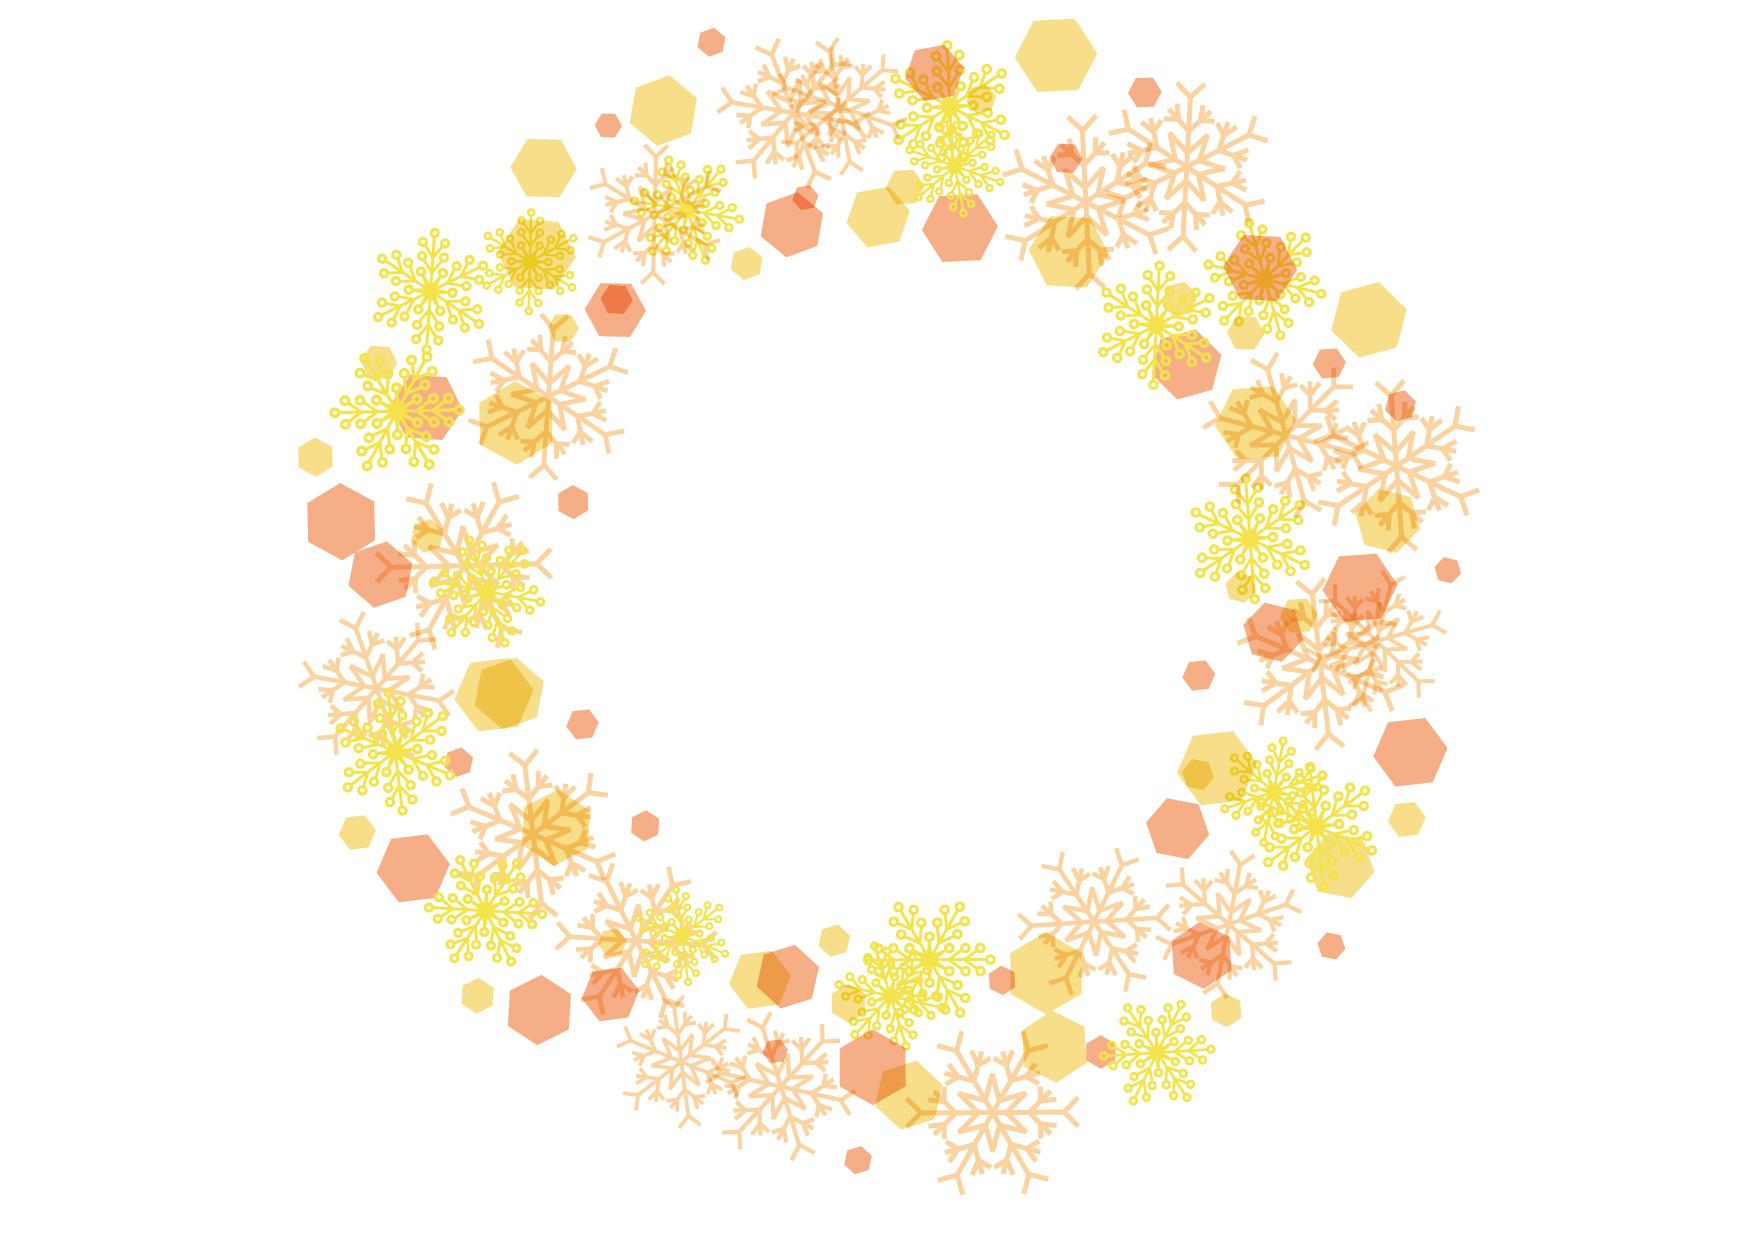 可愛いイラスト無料|雪の結晶 フレーム 背景 黄色 − free illustration Snowflakes frame background yellow